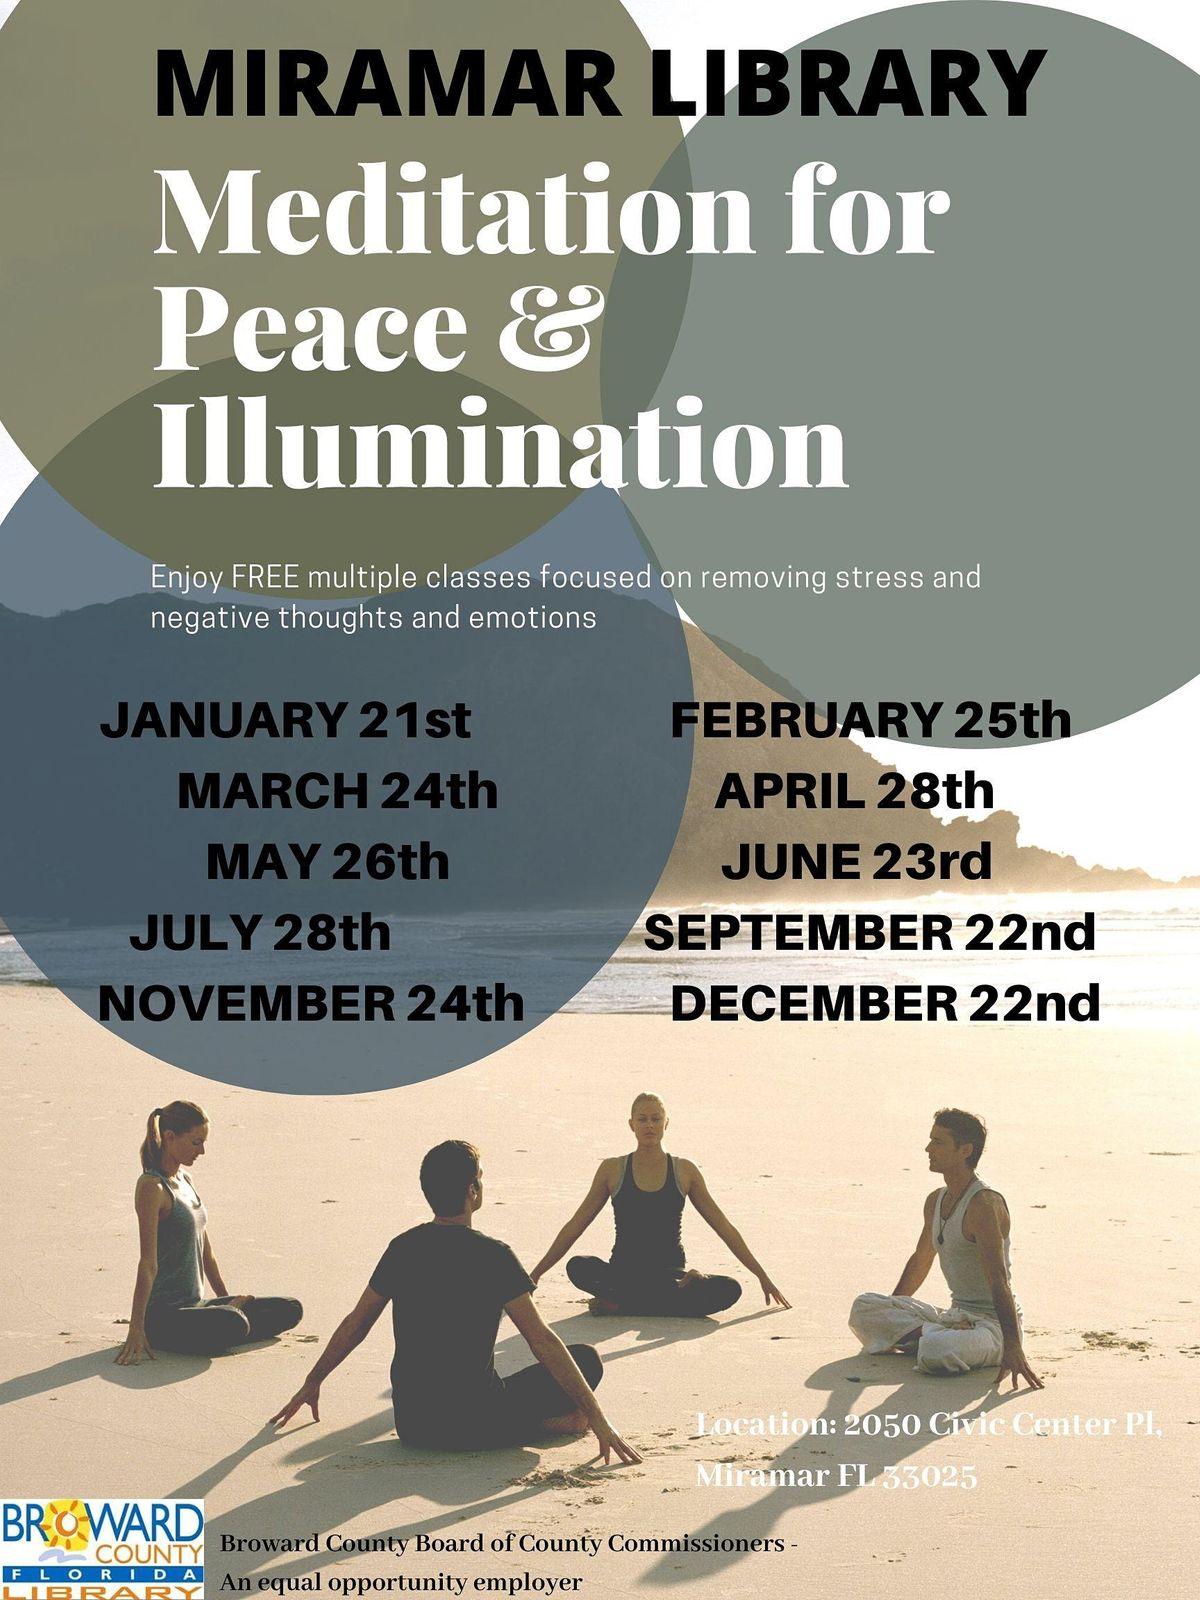 Meditation for Peace and Illumination